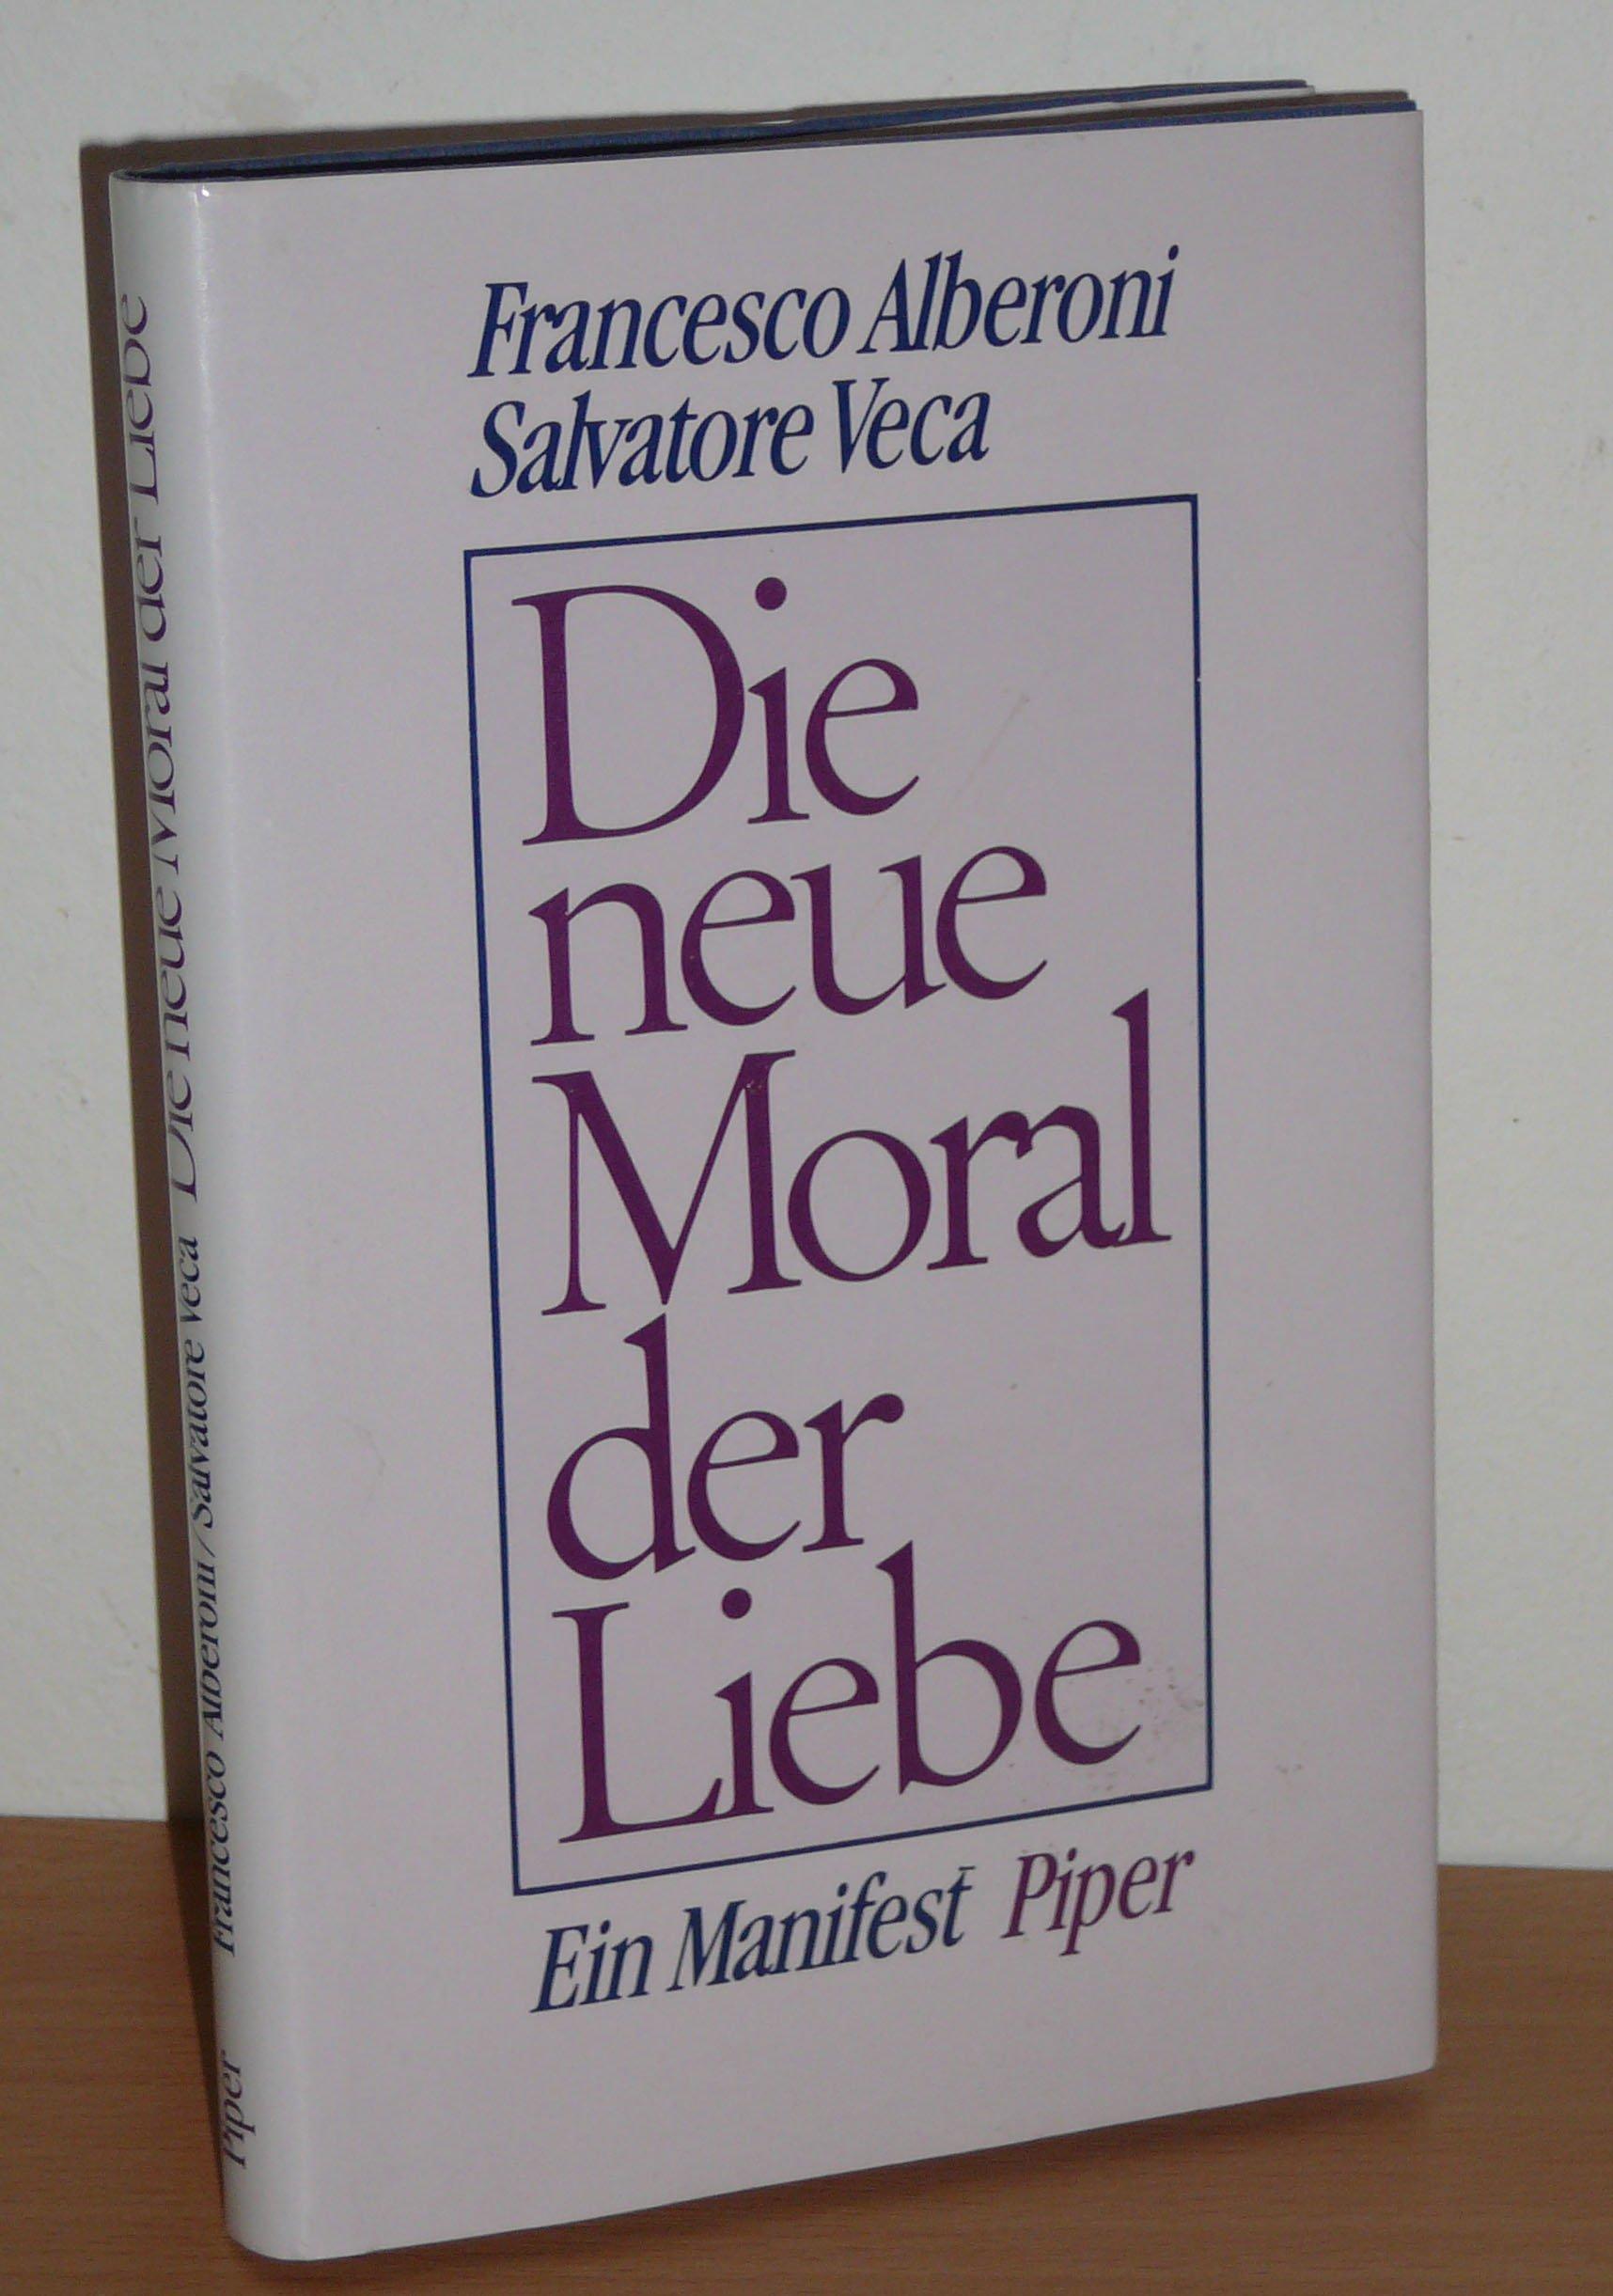 die-neue-moral-der-liebe-ein-manifest